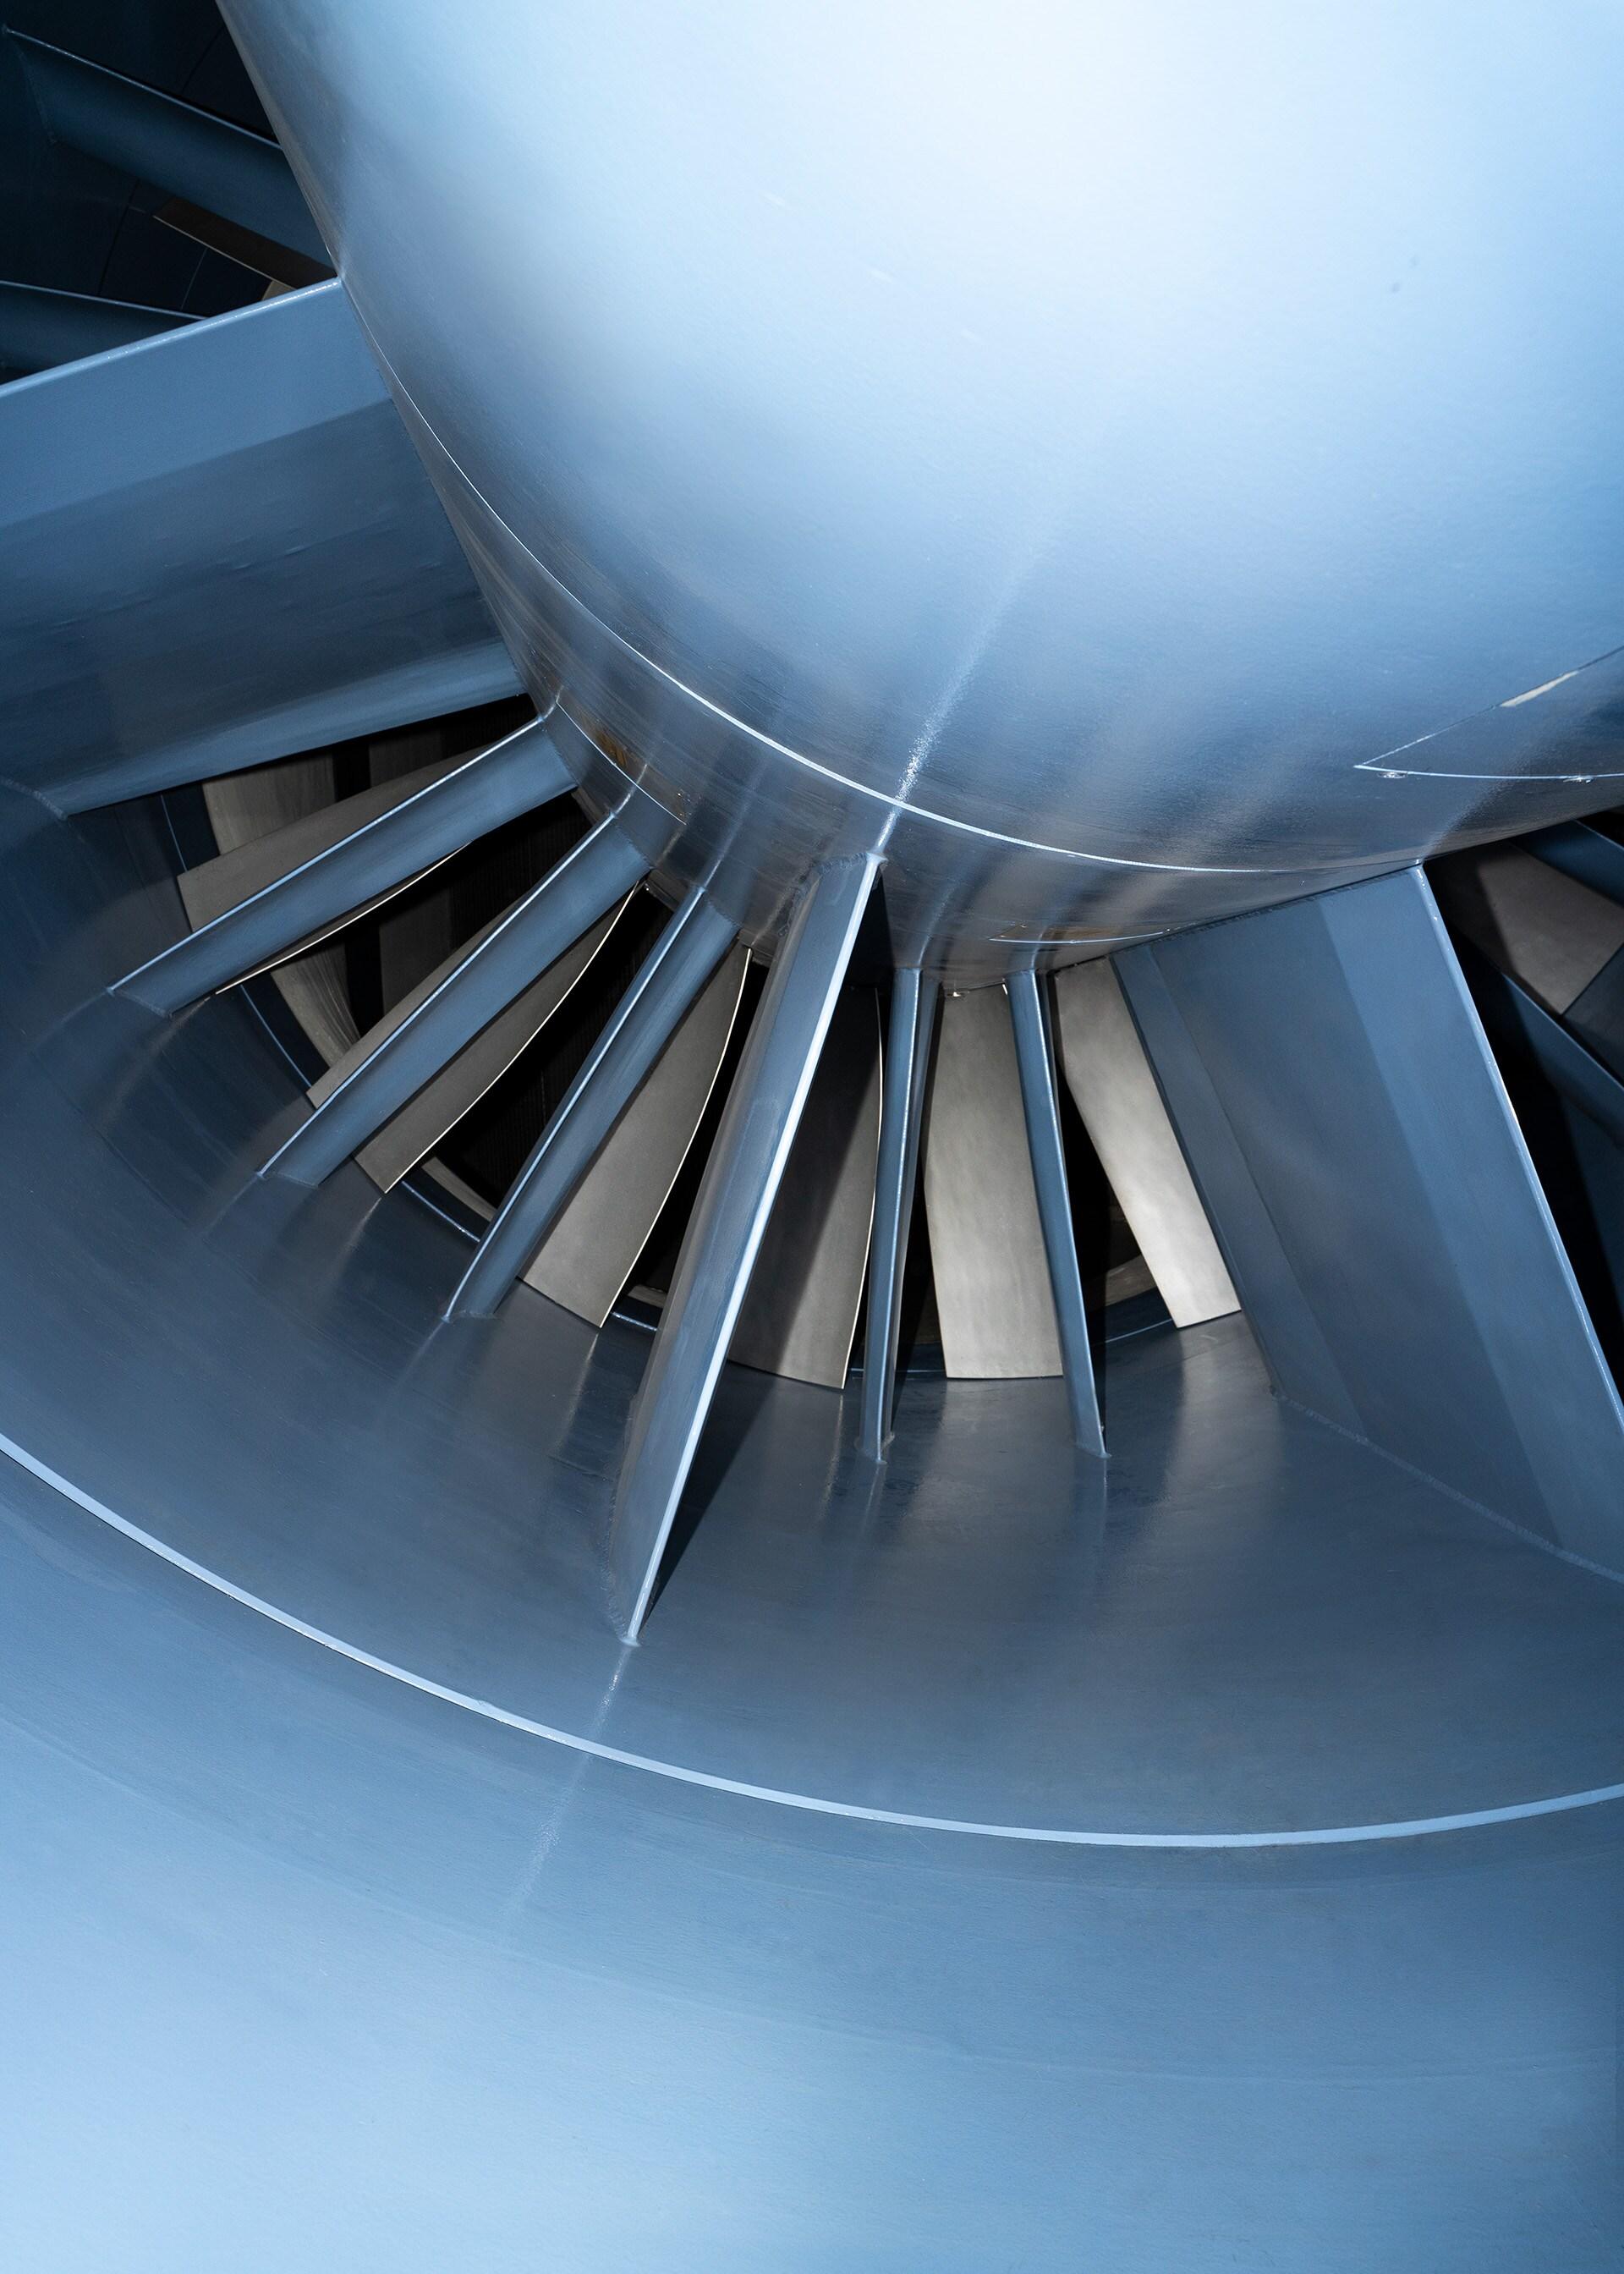 Ventilator vetrovnika porabi tudi do 2720 kW energije